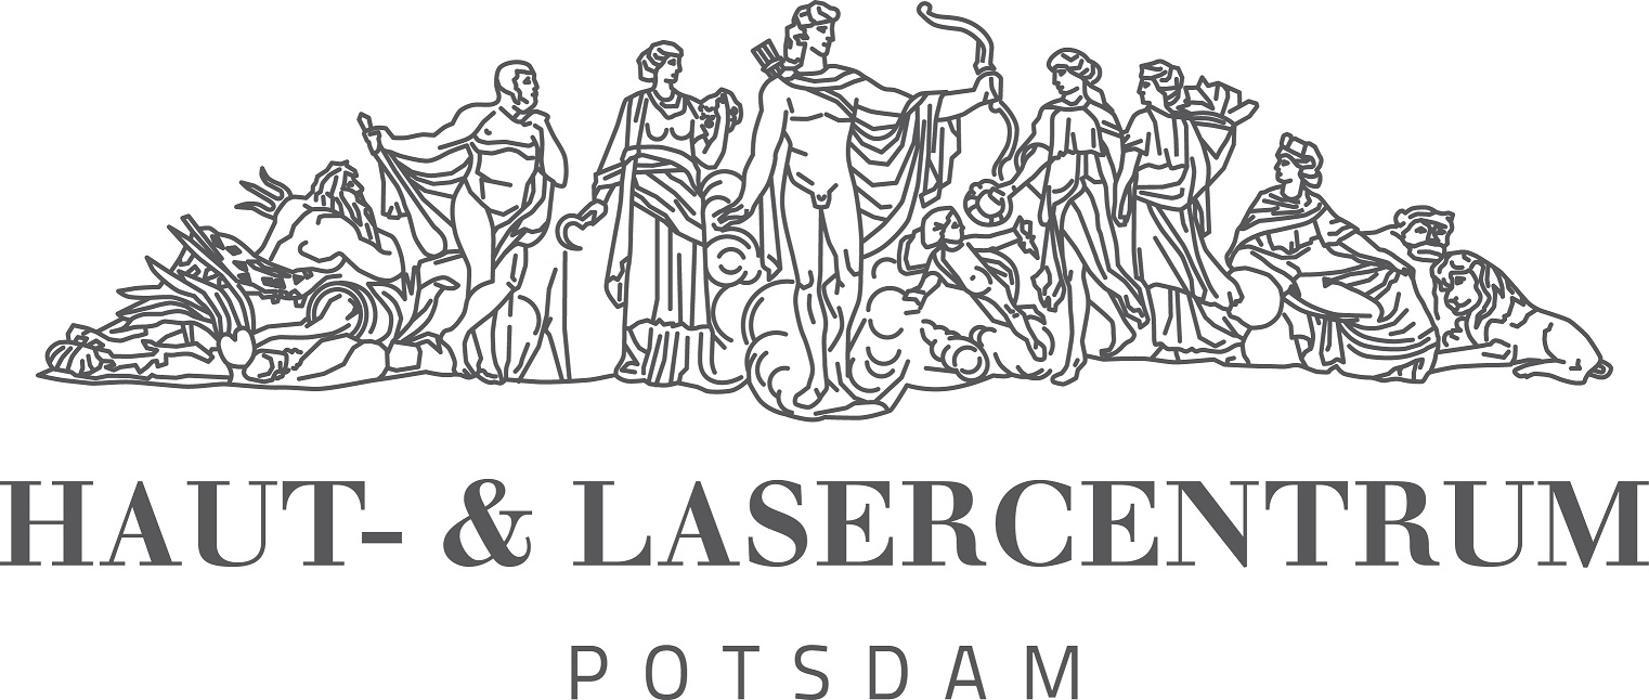 Bild zu Haut- und Lasercentrum Potsdam - Dr. Tanja Fischer & Kollegen in Potsdam